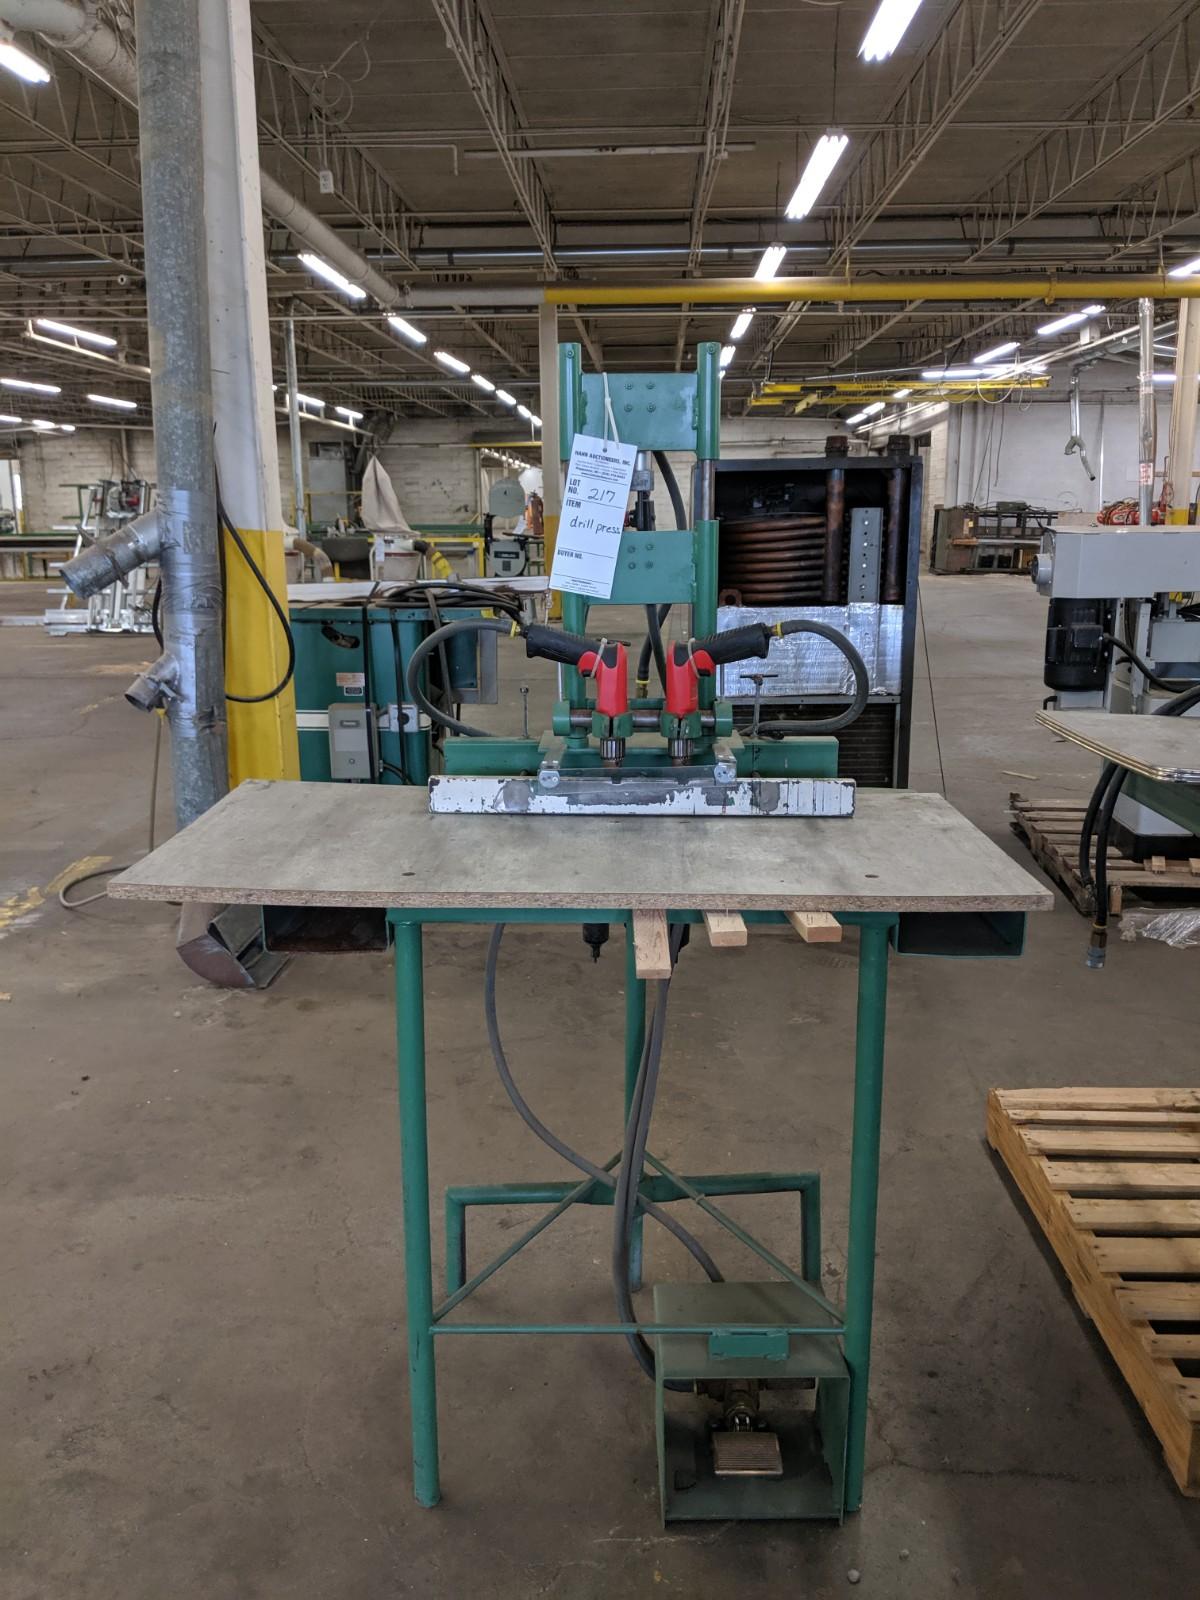 Lot 217 - Pneumatic Drill Press